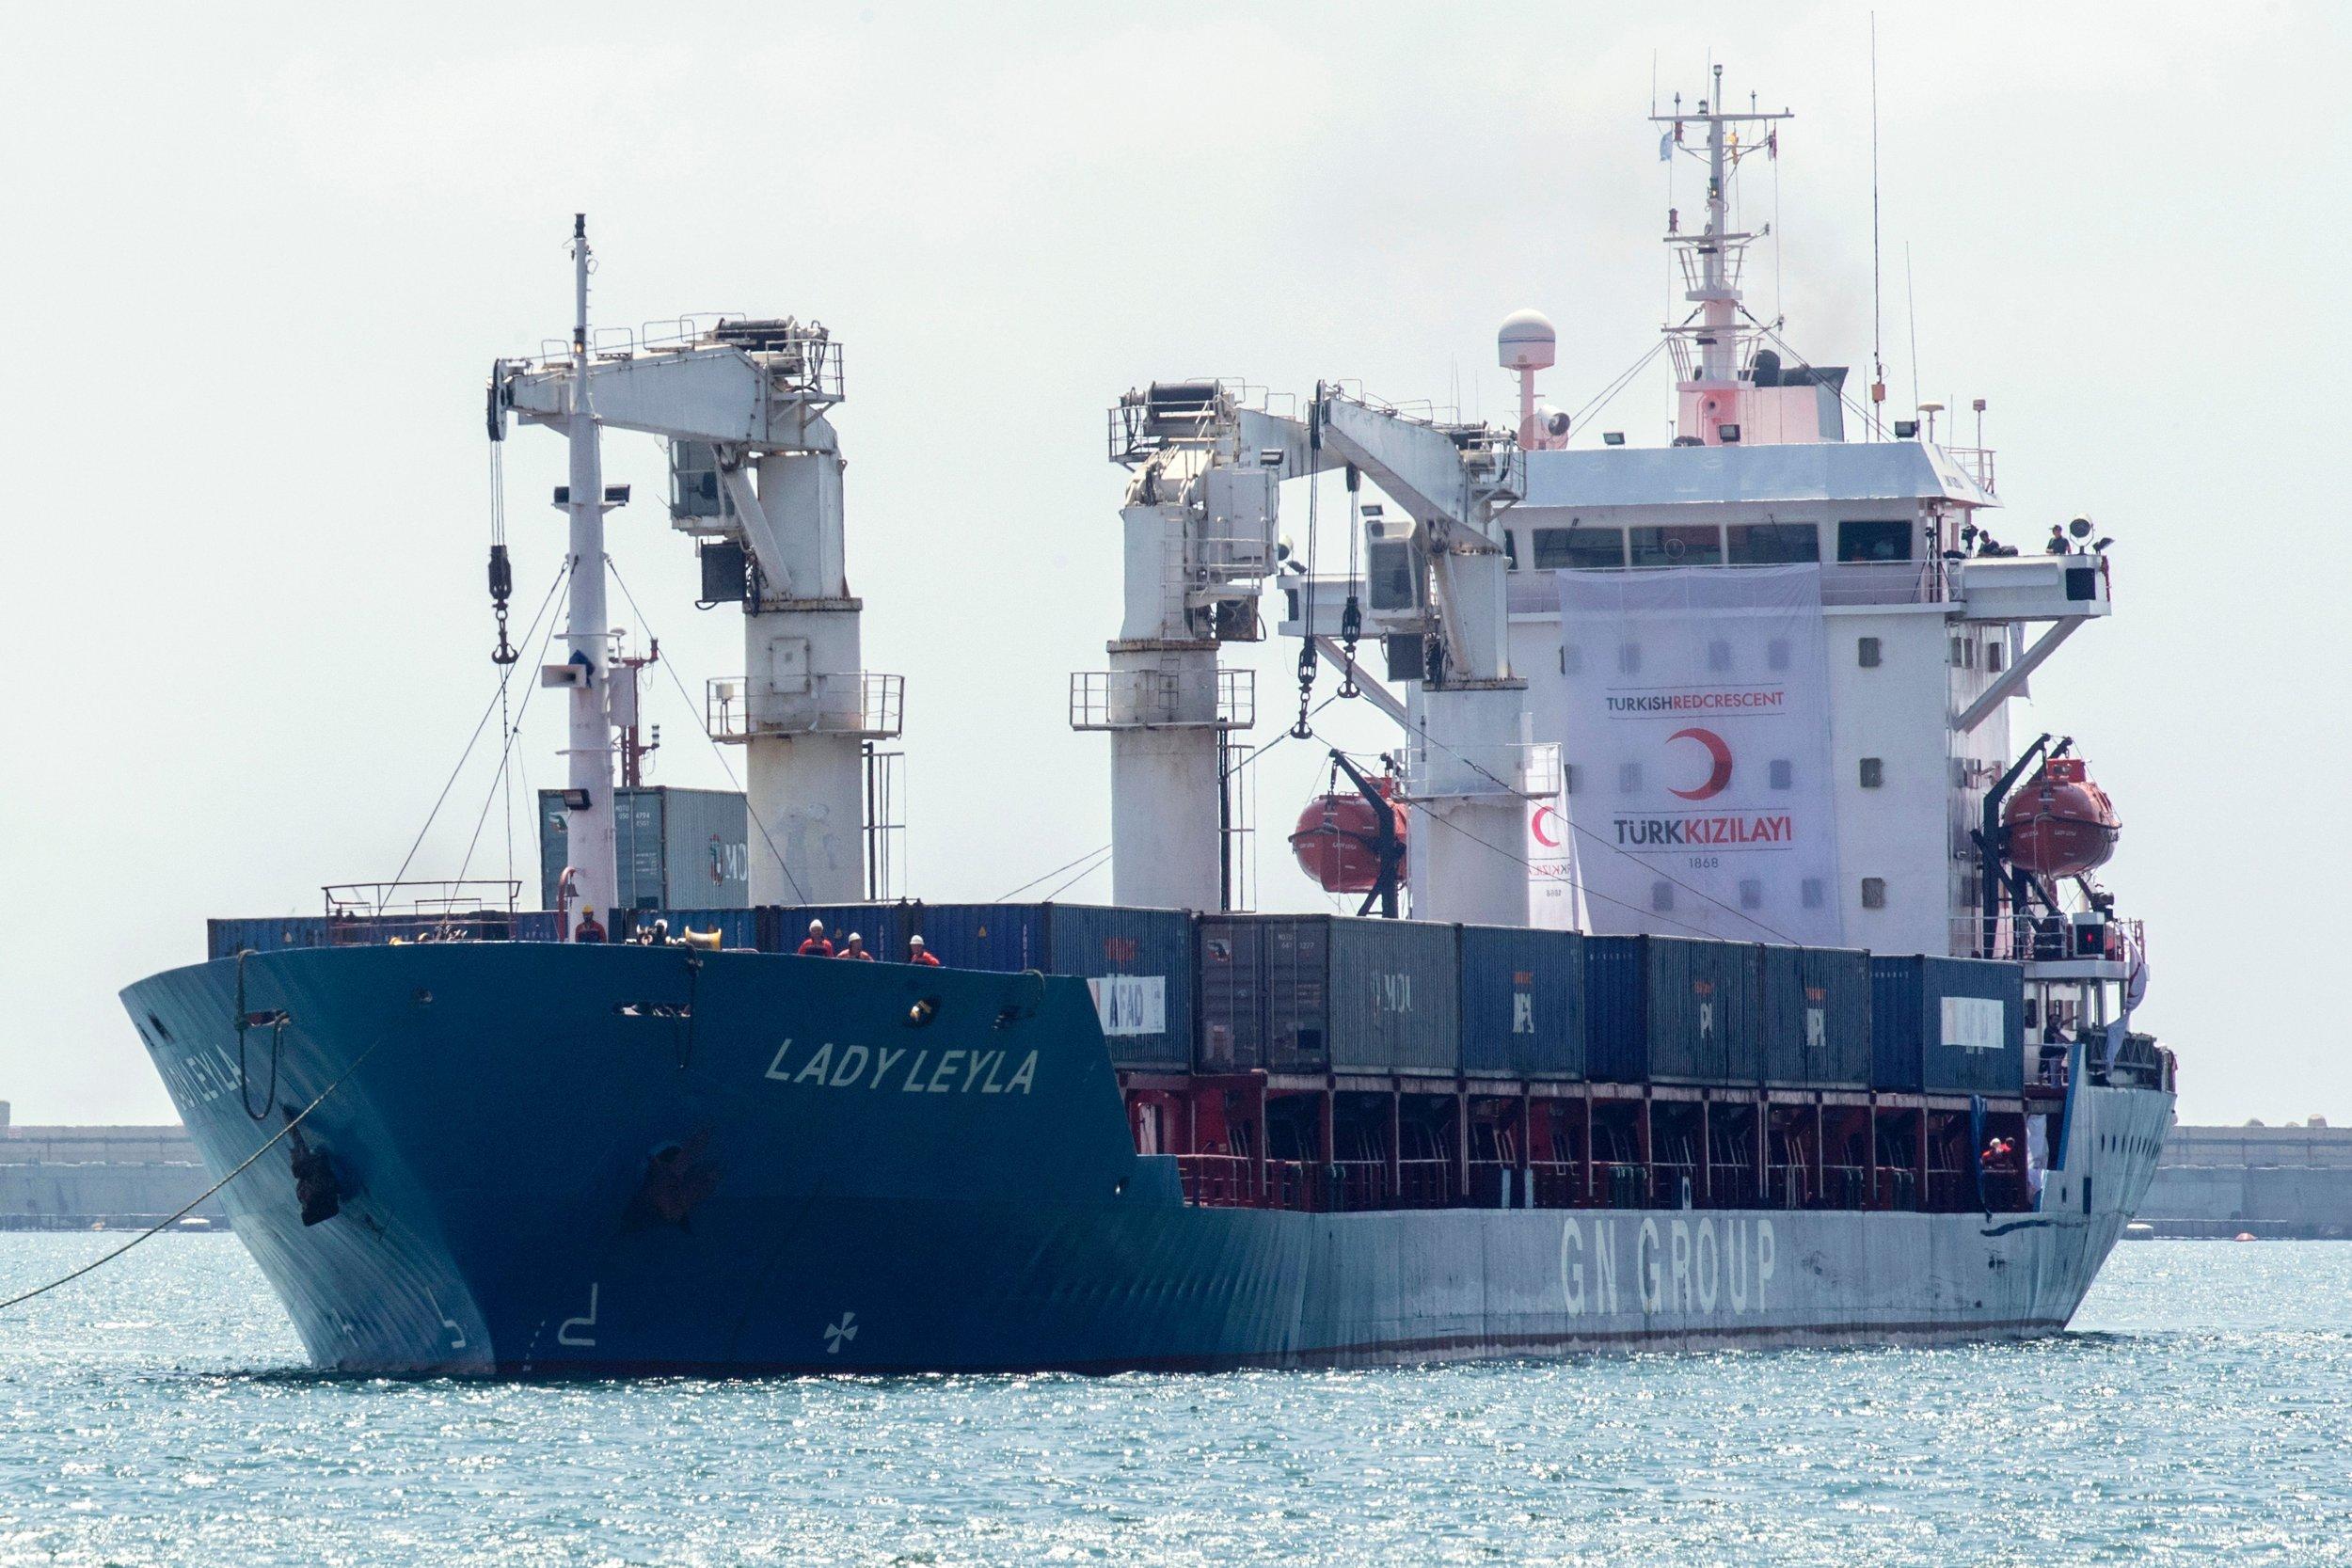 Turkish aid ship to Gaza